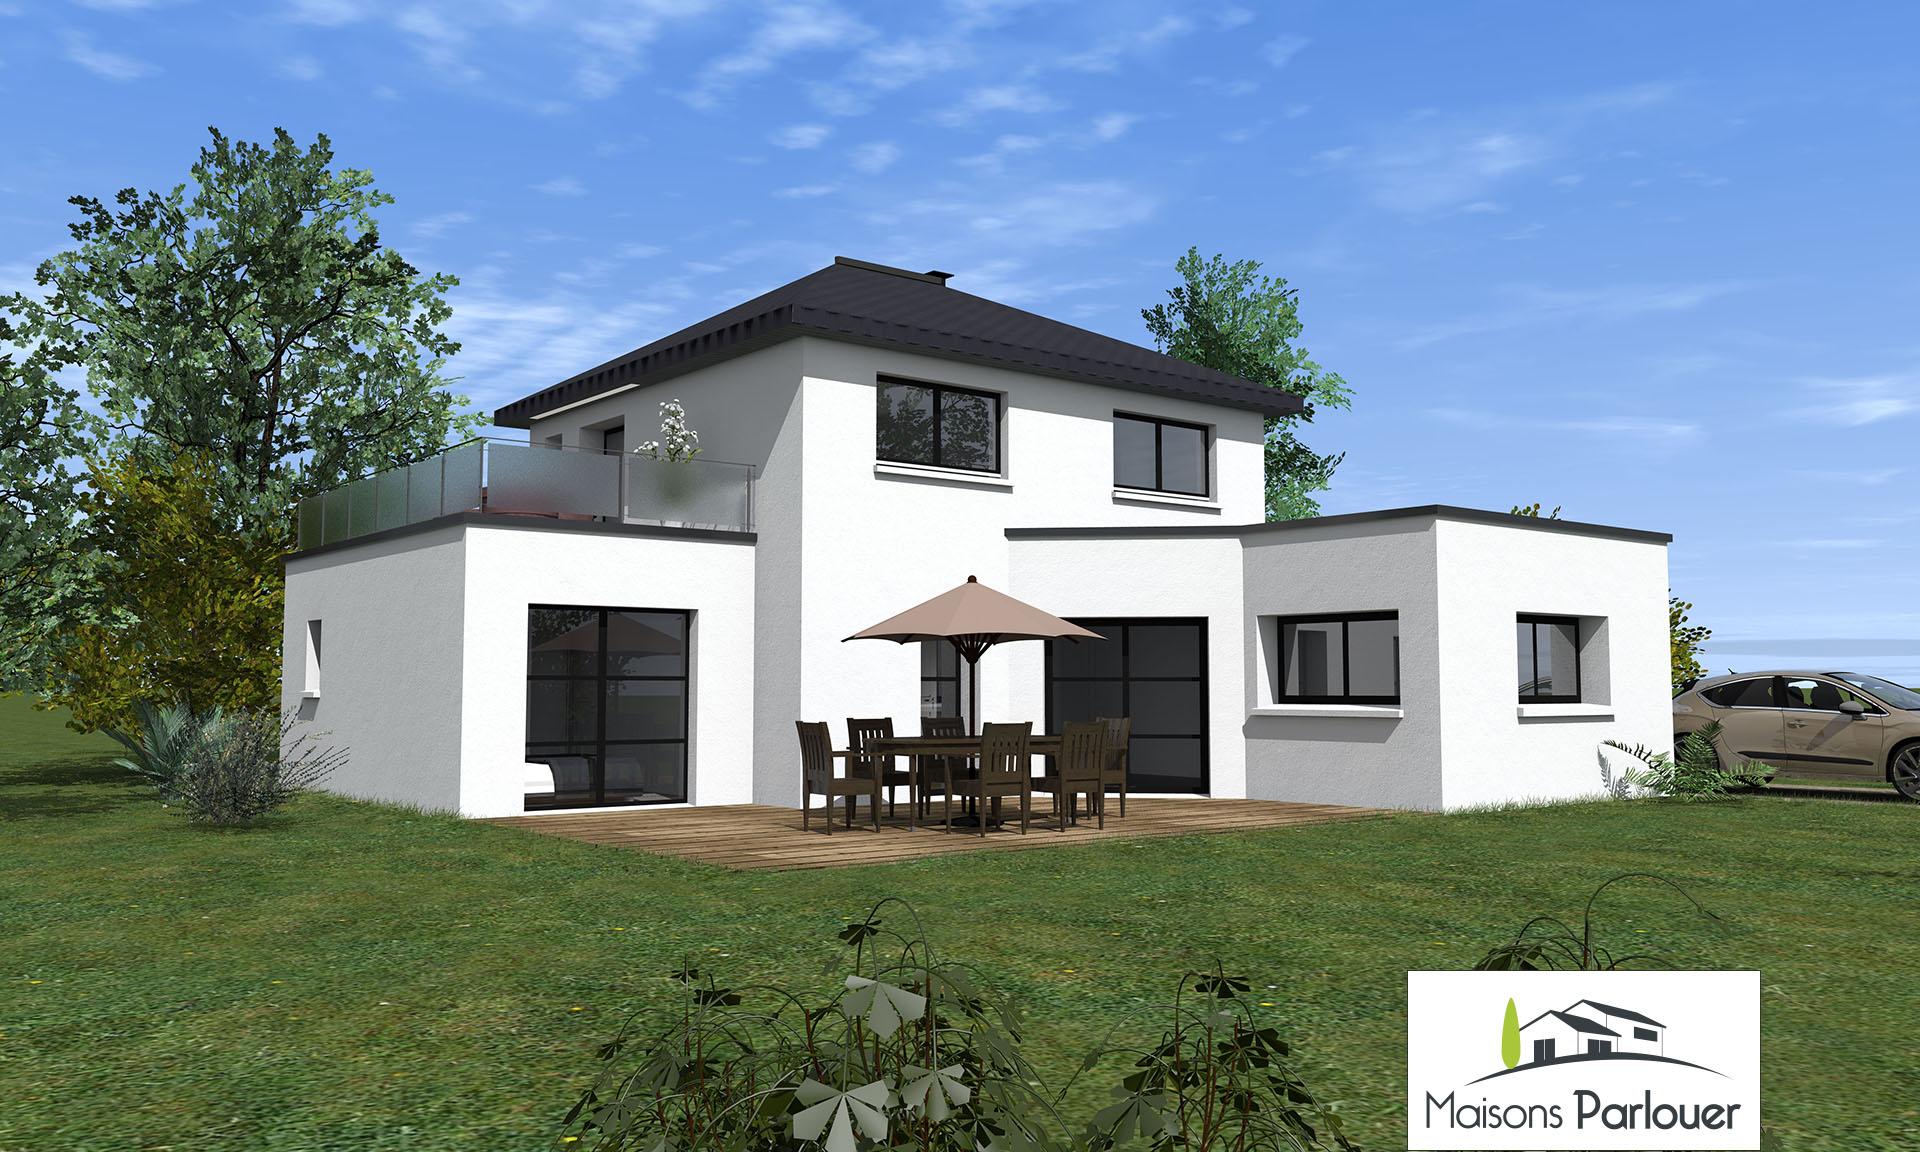 projets d 39 une superficie entre 100 et 130 m2 non cat goris. Black Bedroom Furniture Sets. Home Design Ideas